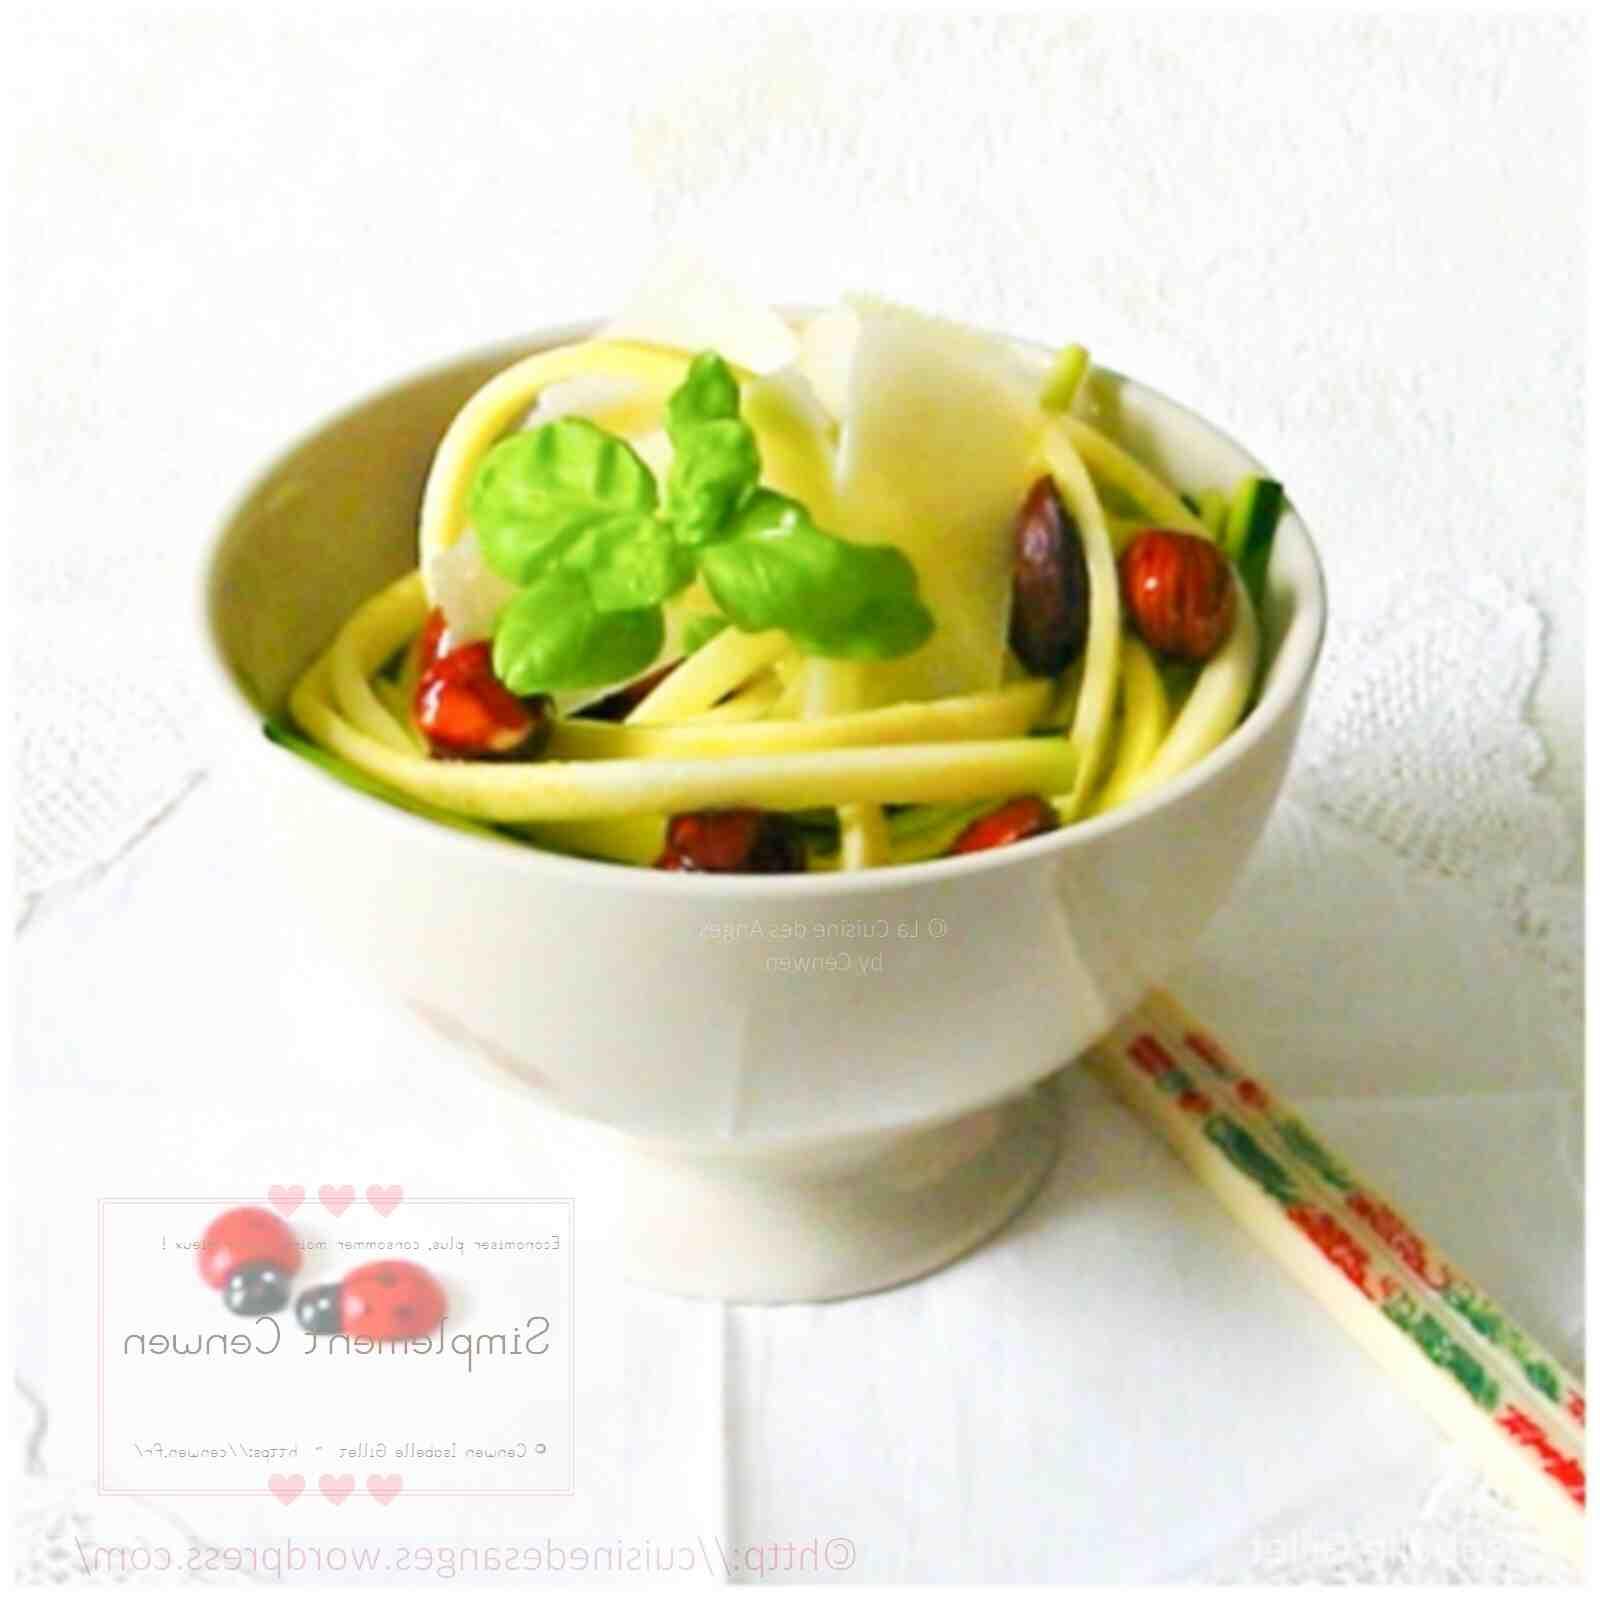 Est-ce qu'on peut manger une salade qui a monté ?